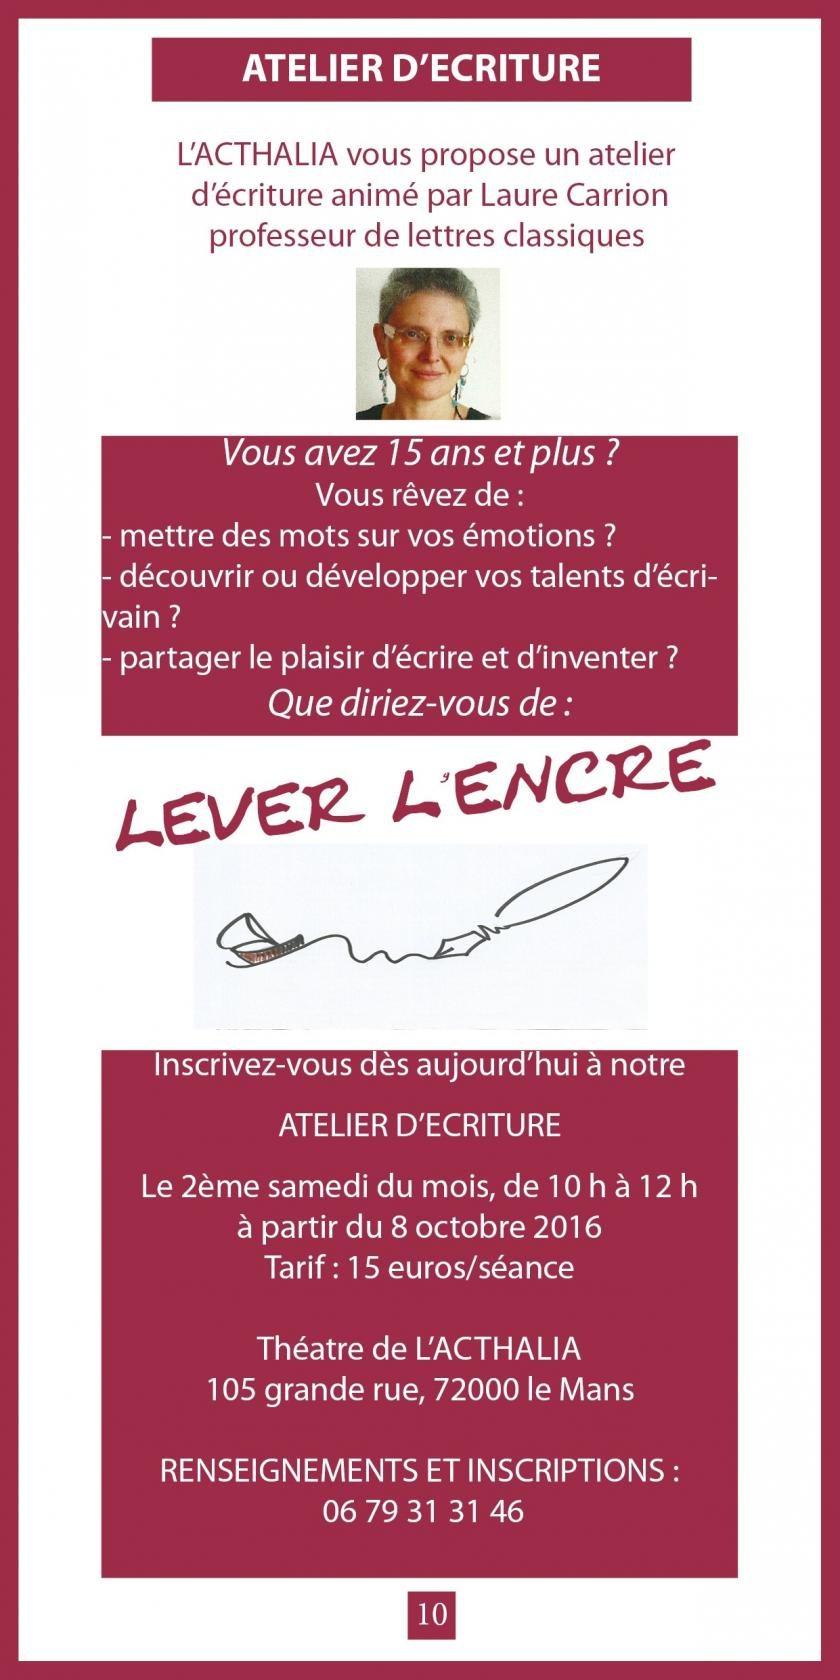 Atelier d'écriture Lever l'encre par Laure Carrion Le Mans